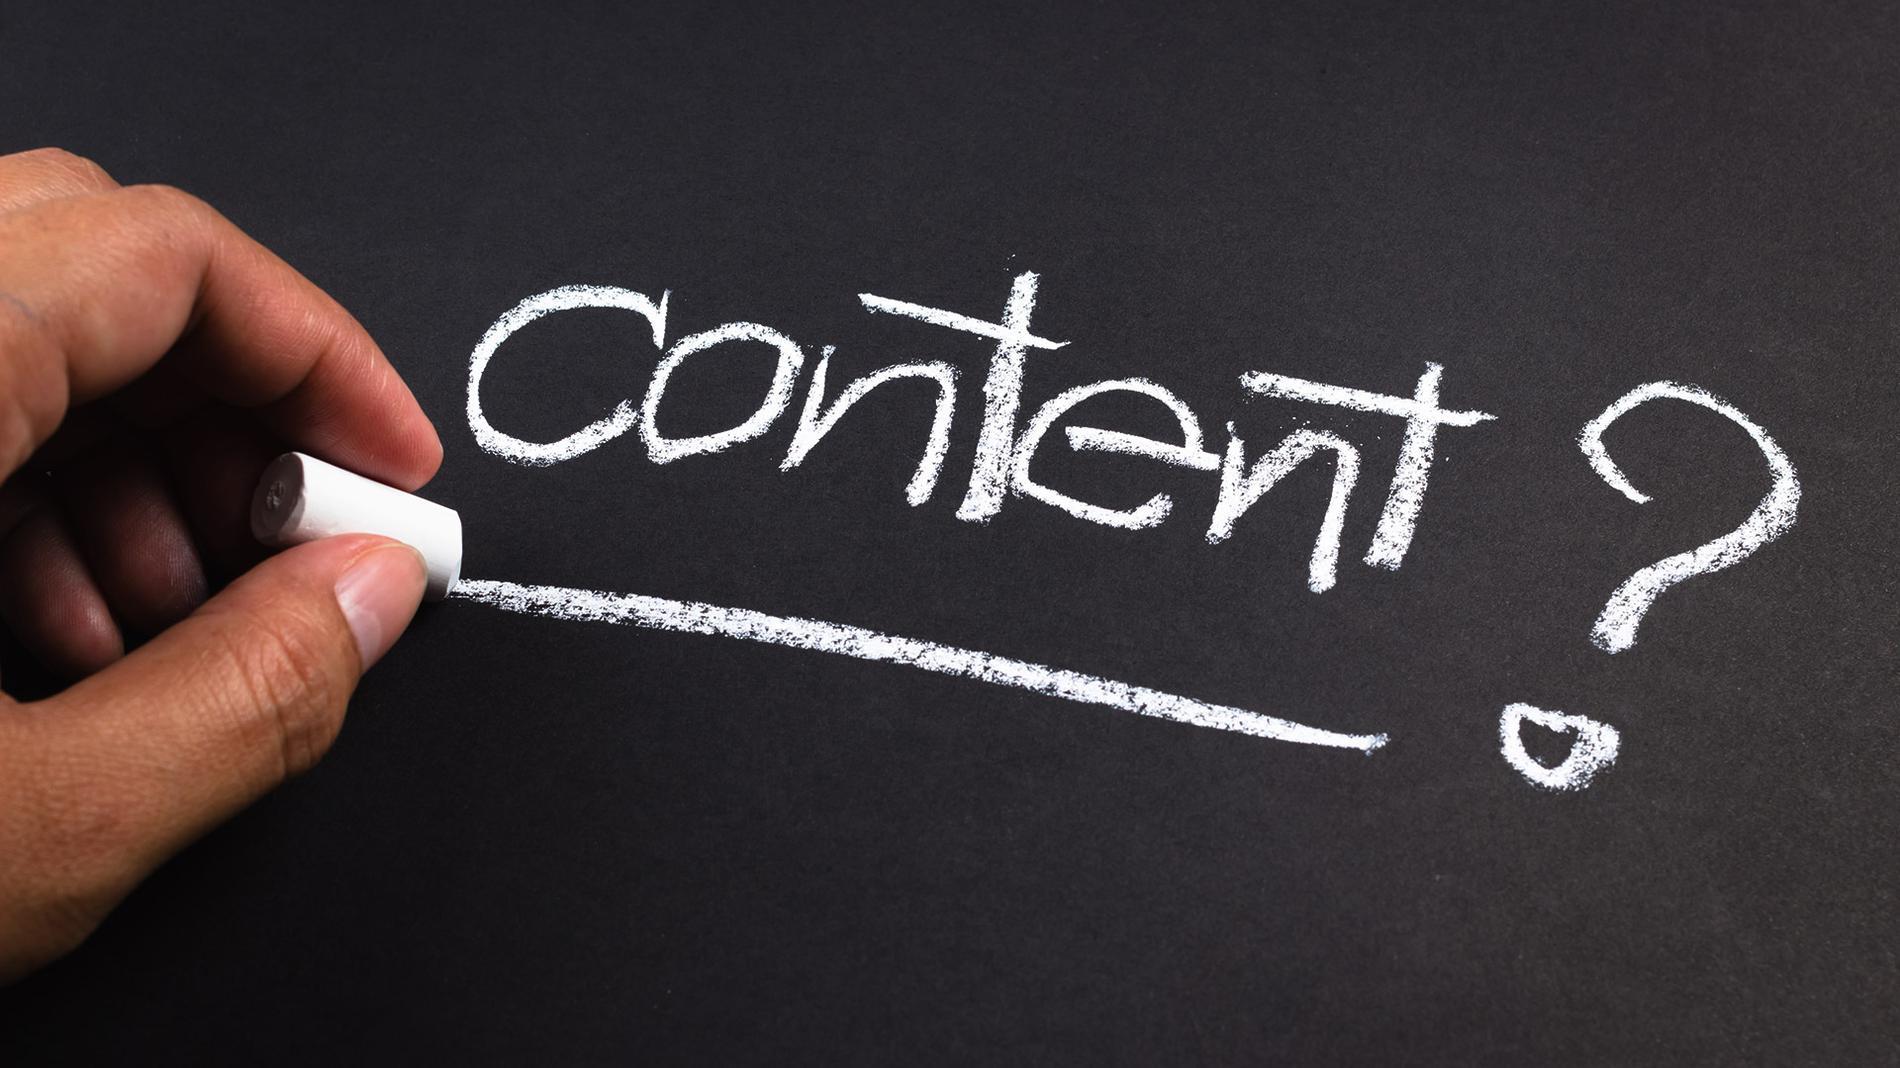 Nên viết content làm sao để tăng tỷ lệ chuyển đổi từ traffic ra đơn hàng?